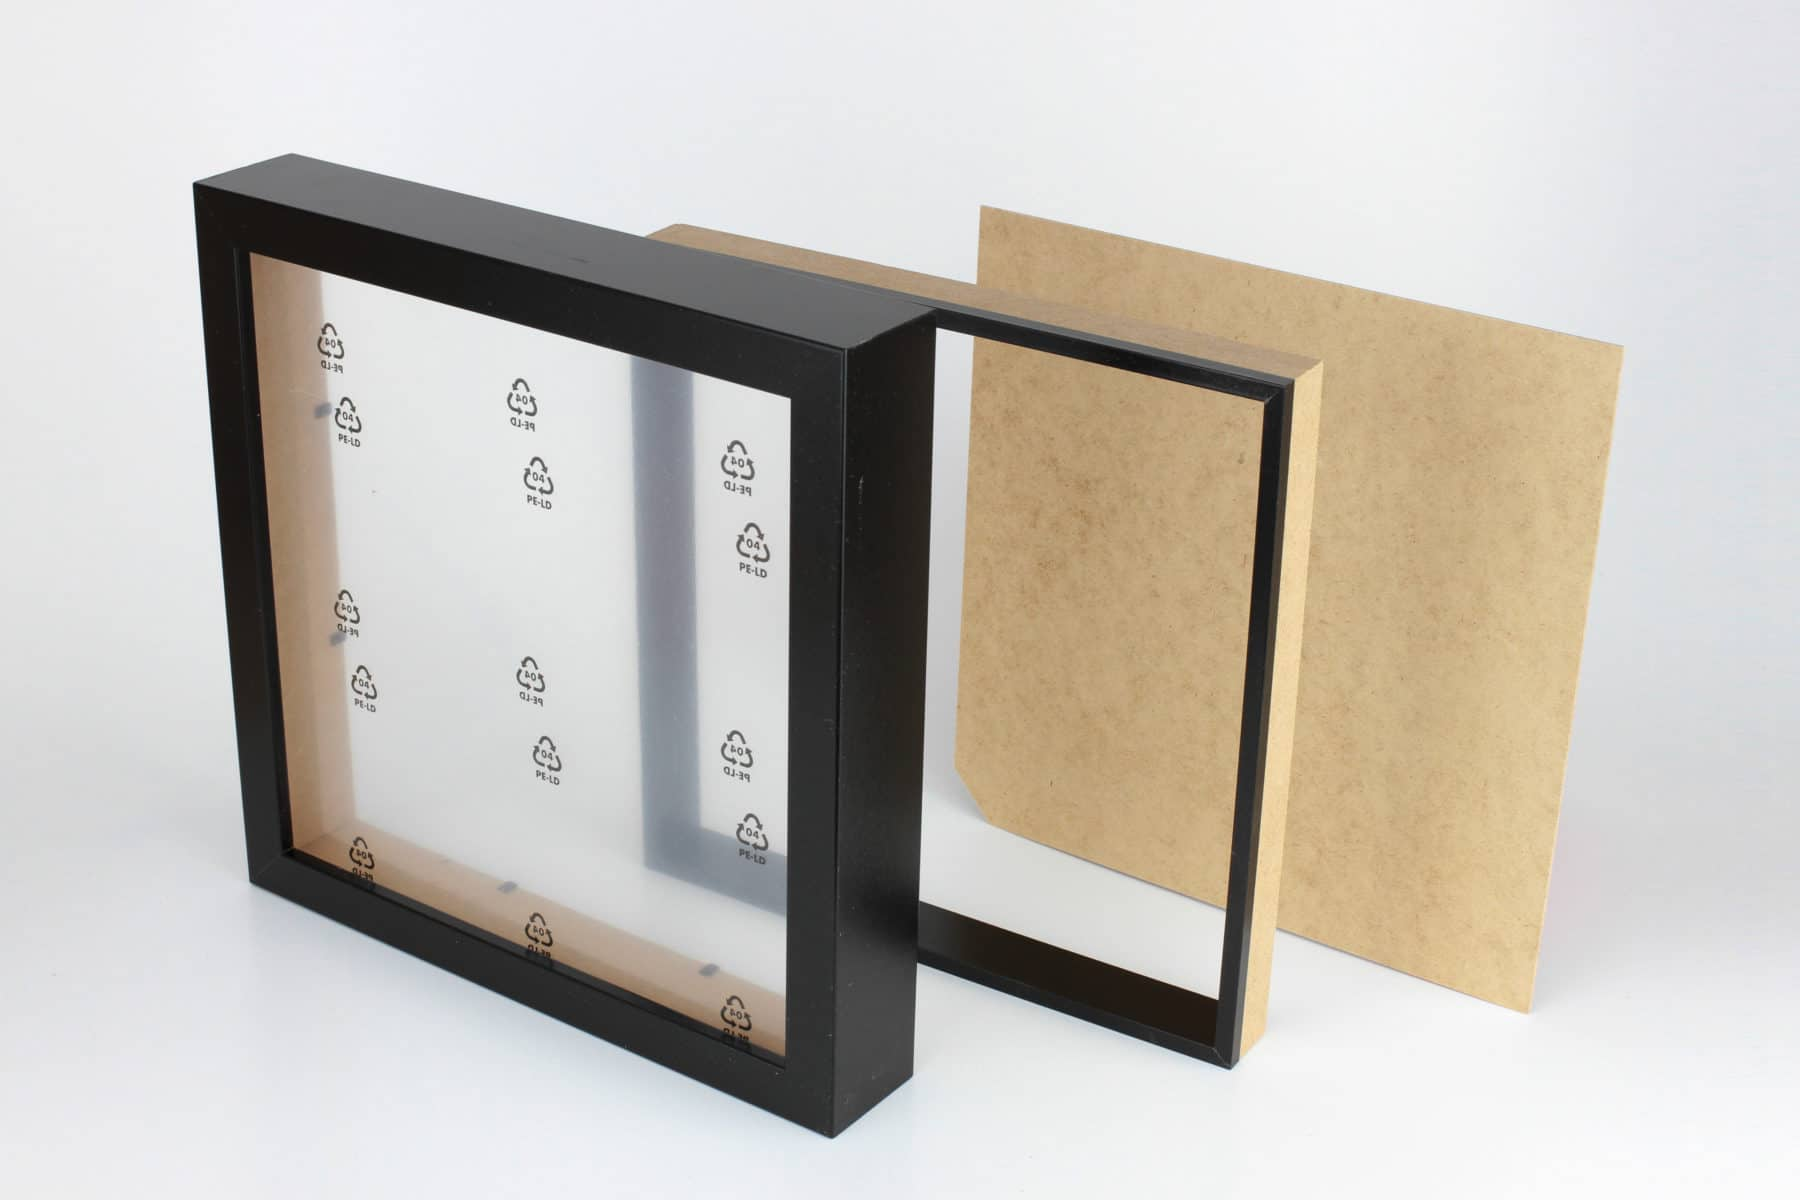 RIBBA Rahmen in der Ausführung 23cm x 23 cm